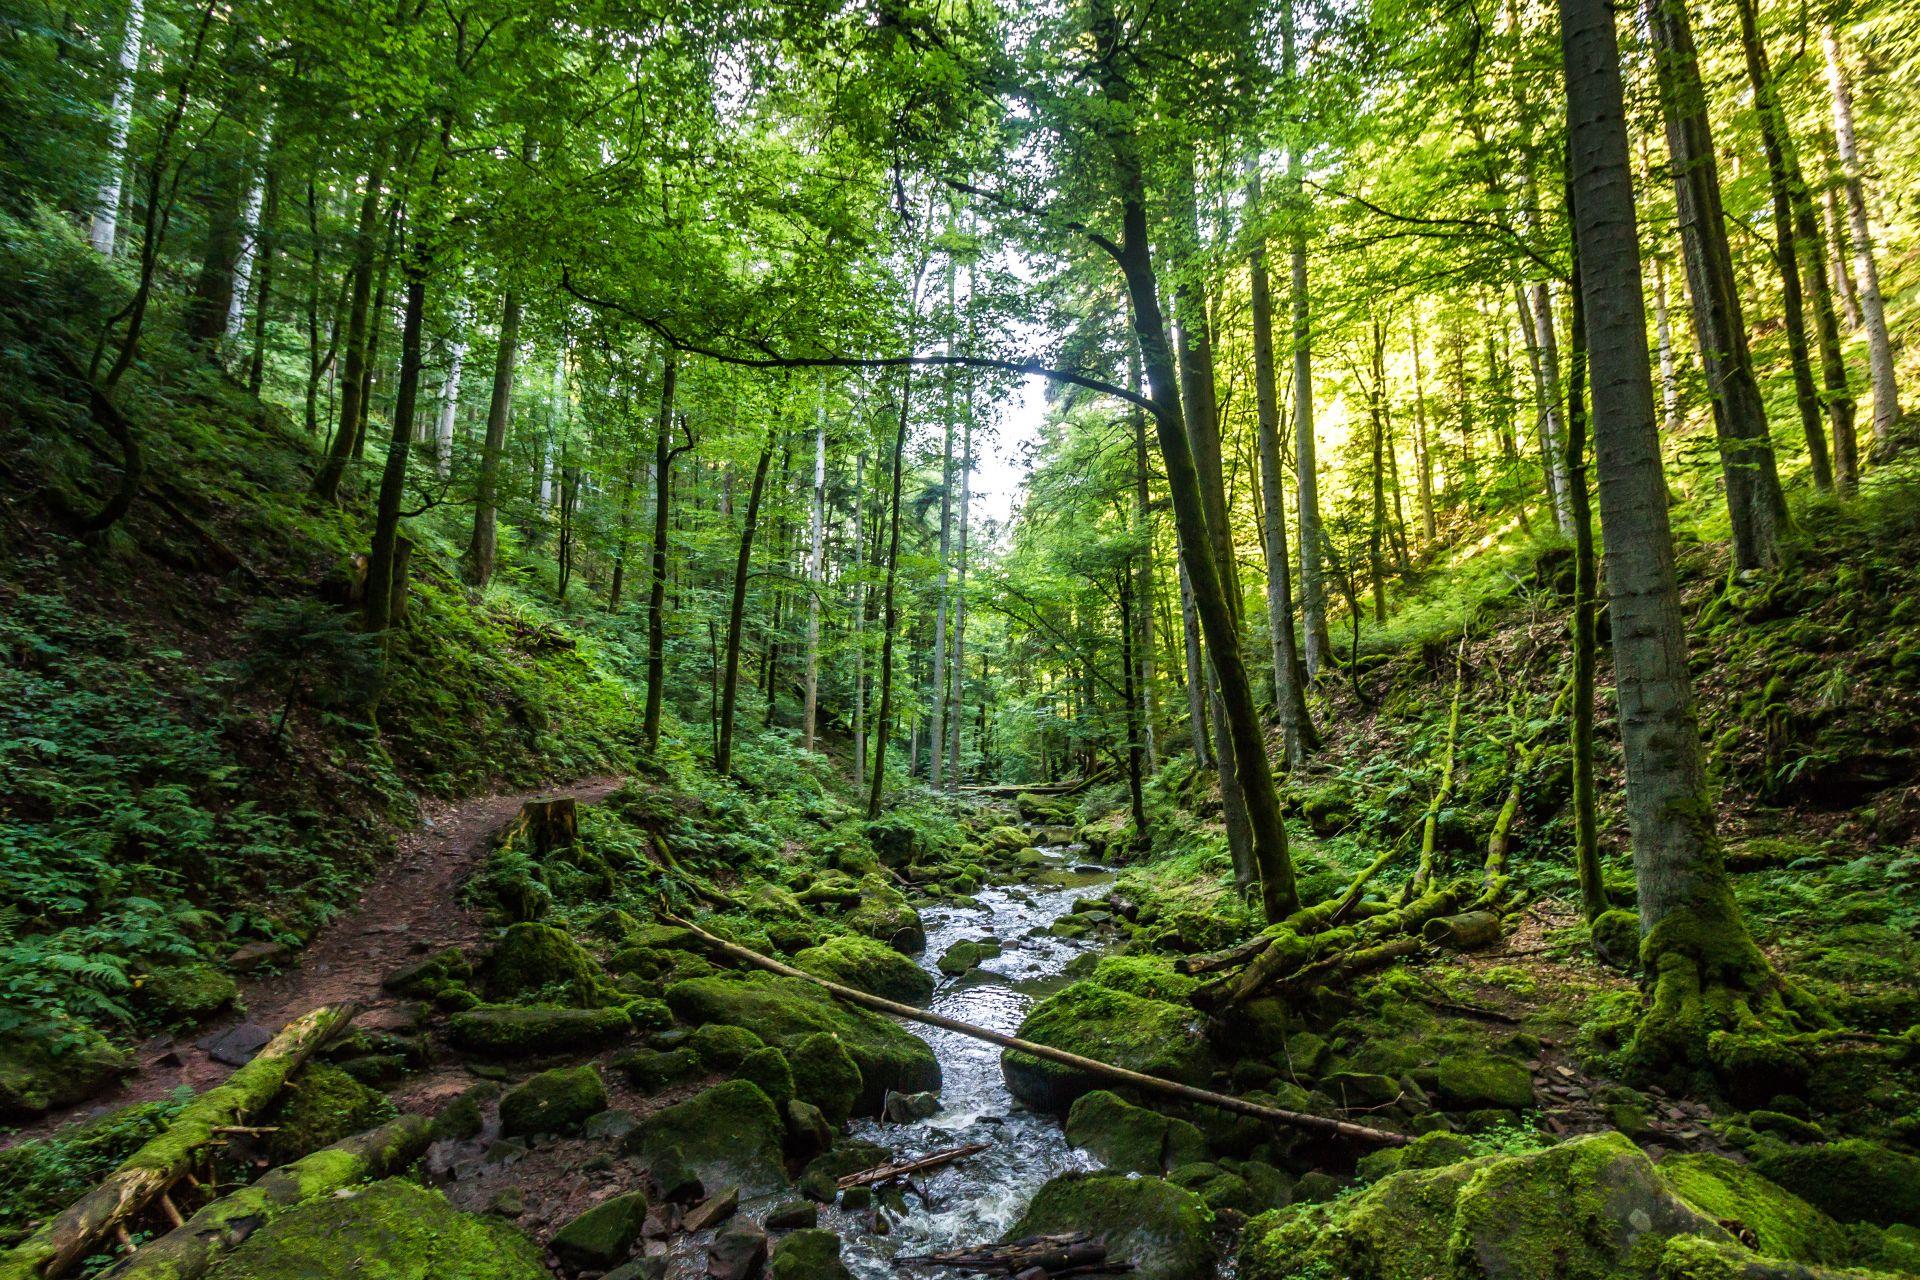 Alla scoperta della natura, storia e cultura del Baden-Württemberg